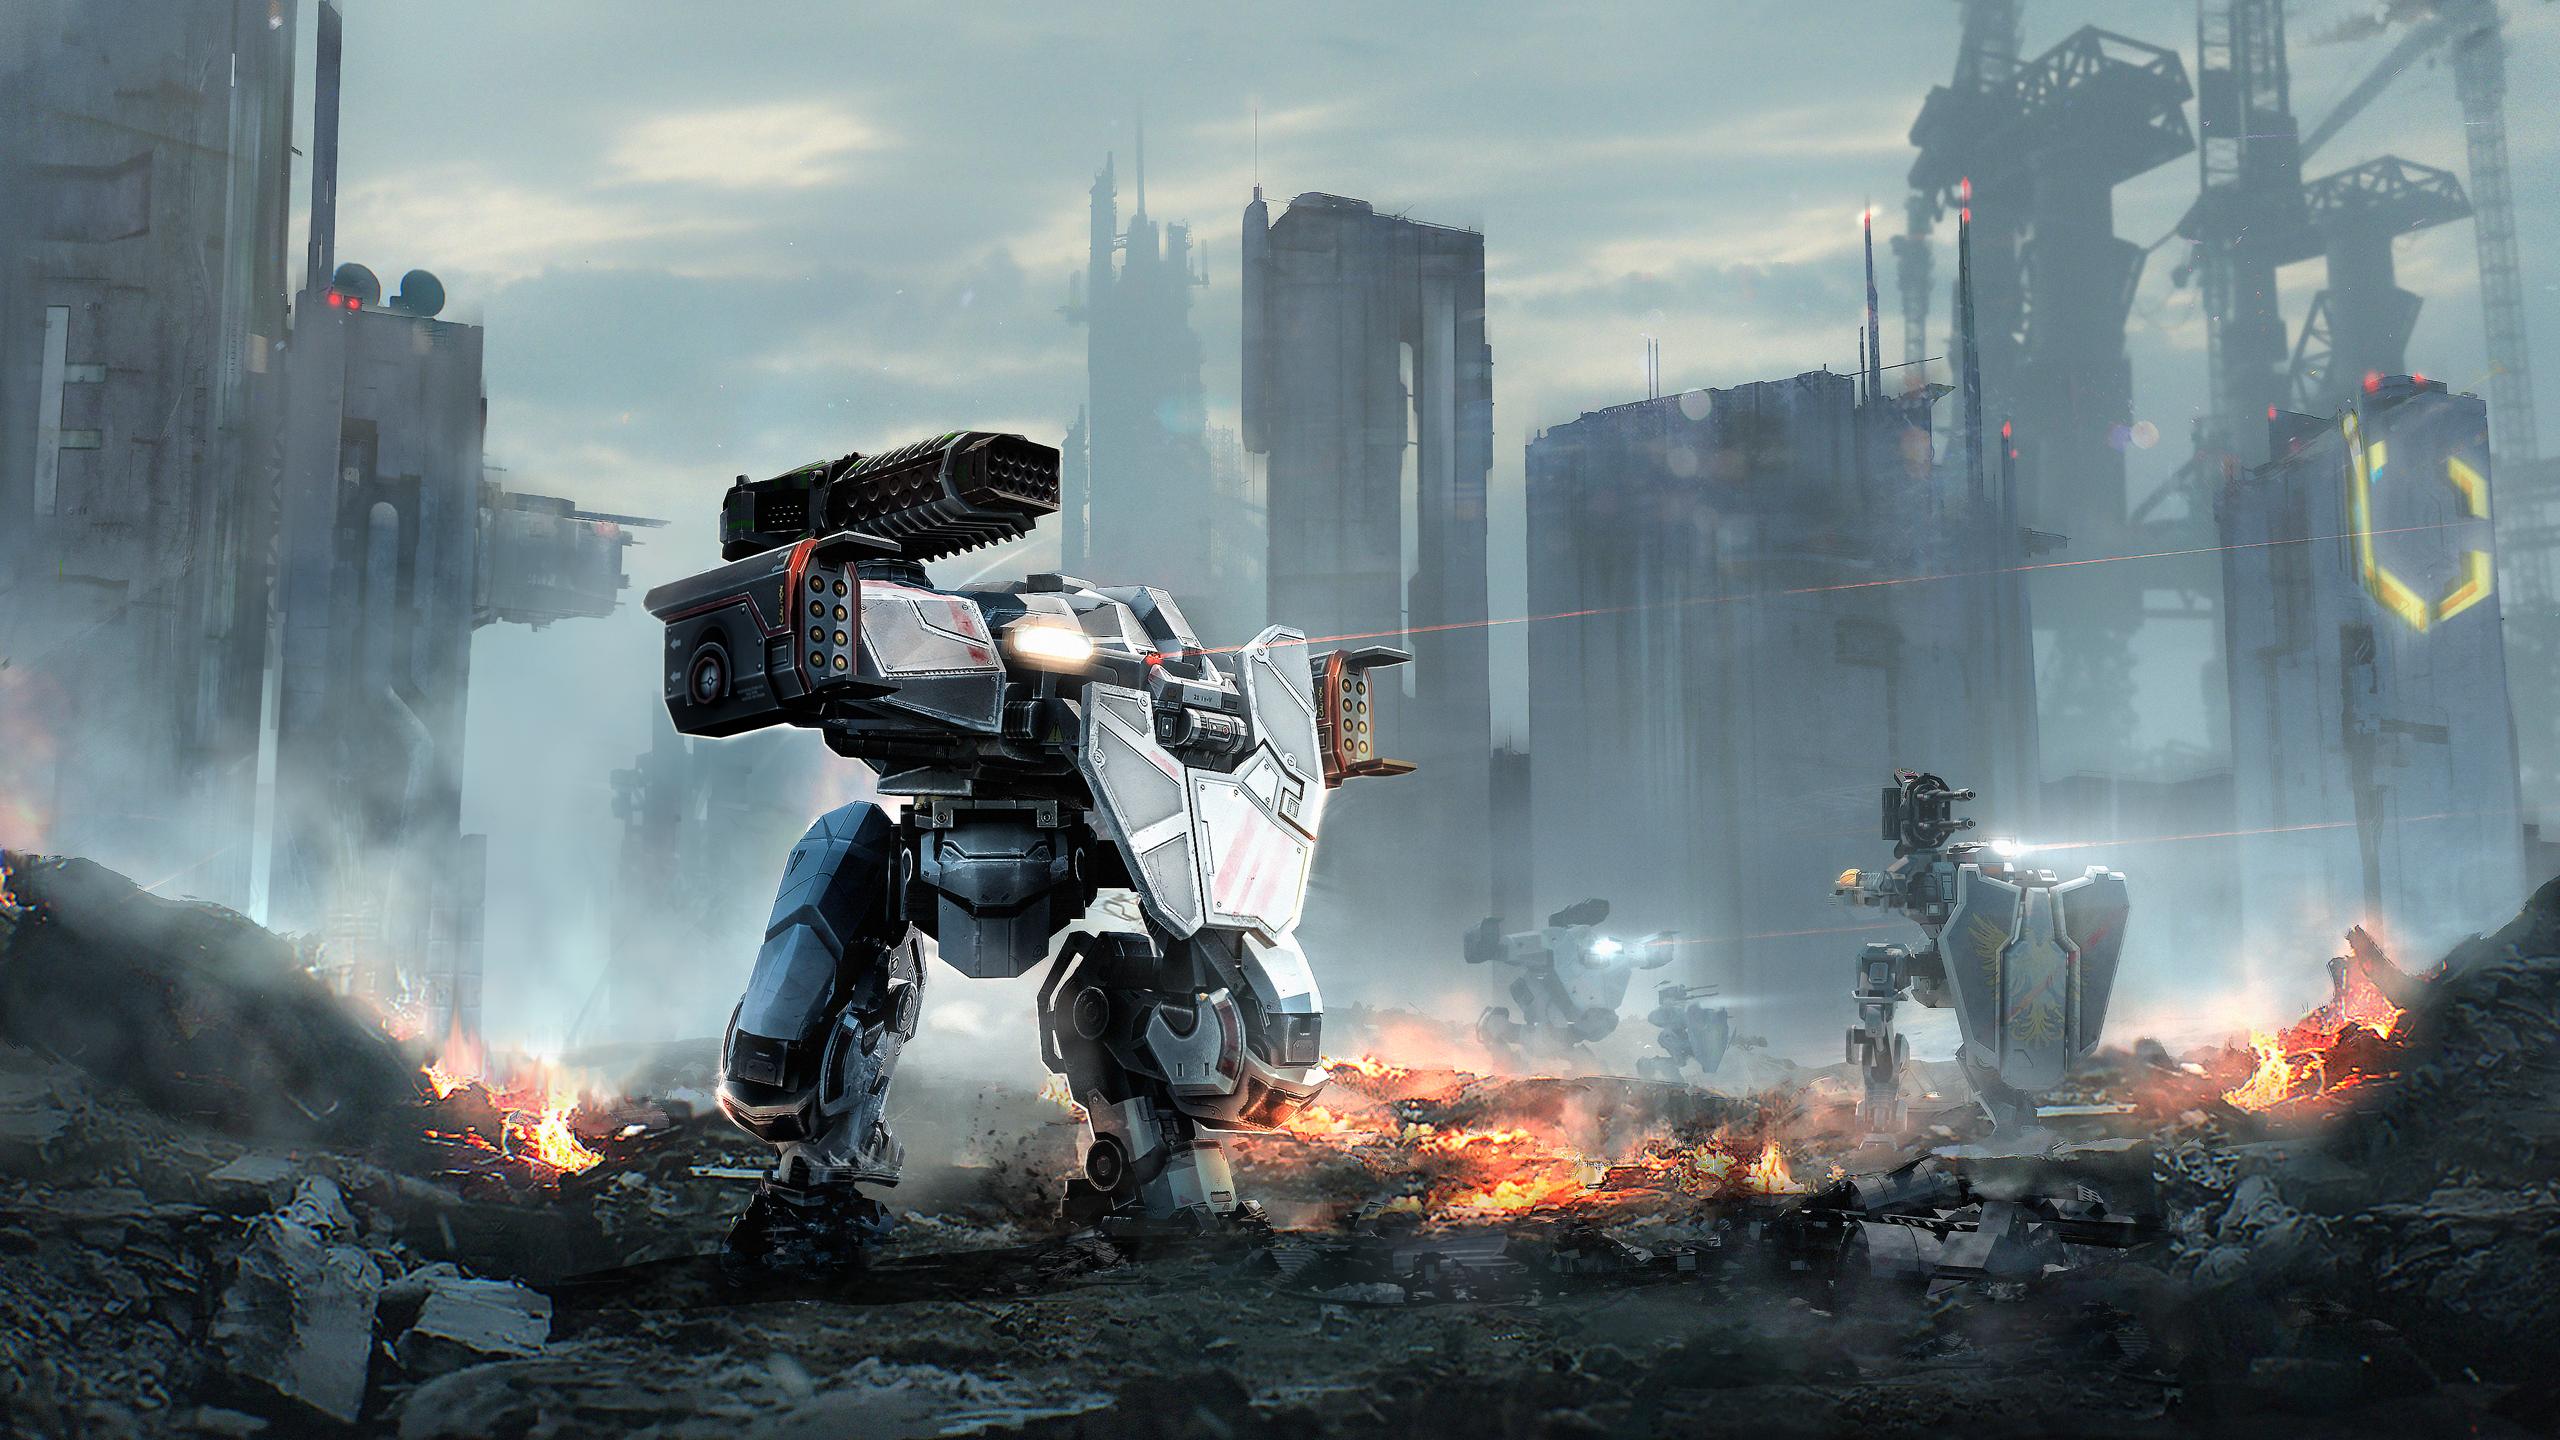 War Robots Wallpapers   Top War Robots Backgrounds 2560x1440